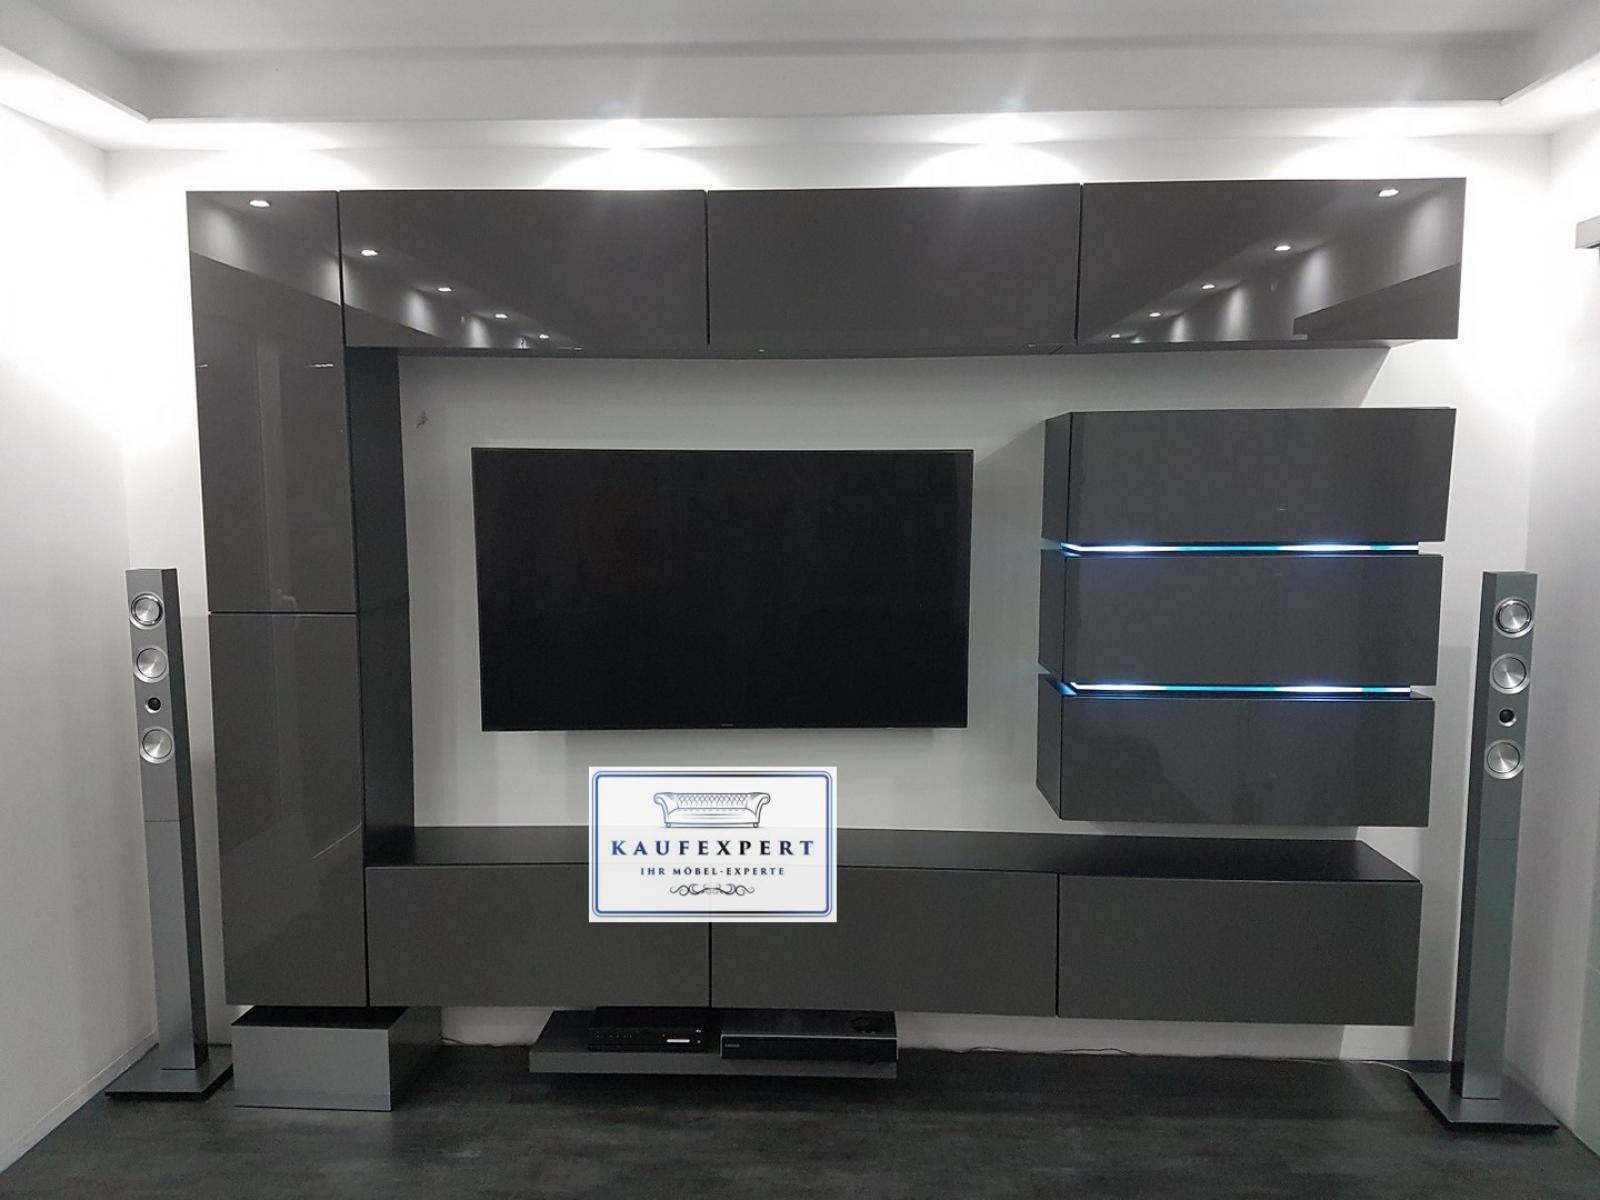 Wohnwand Shine Grau Hochglanz/Schwarz 284 Cm Mediawand Medienwand Design Modern Led